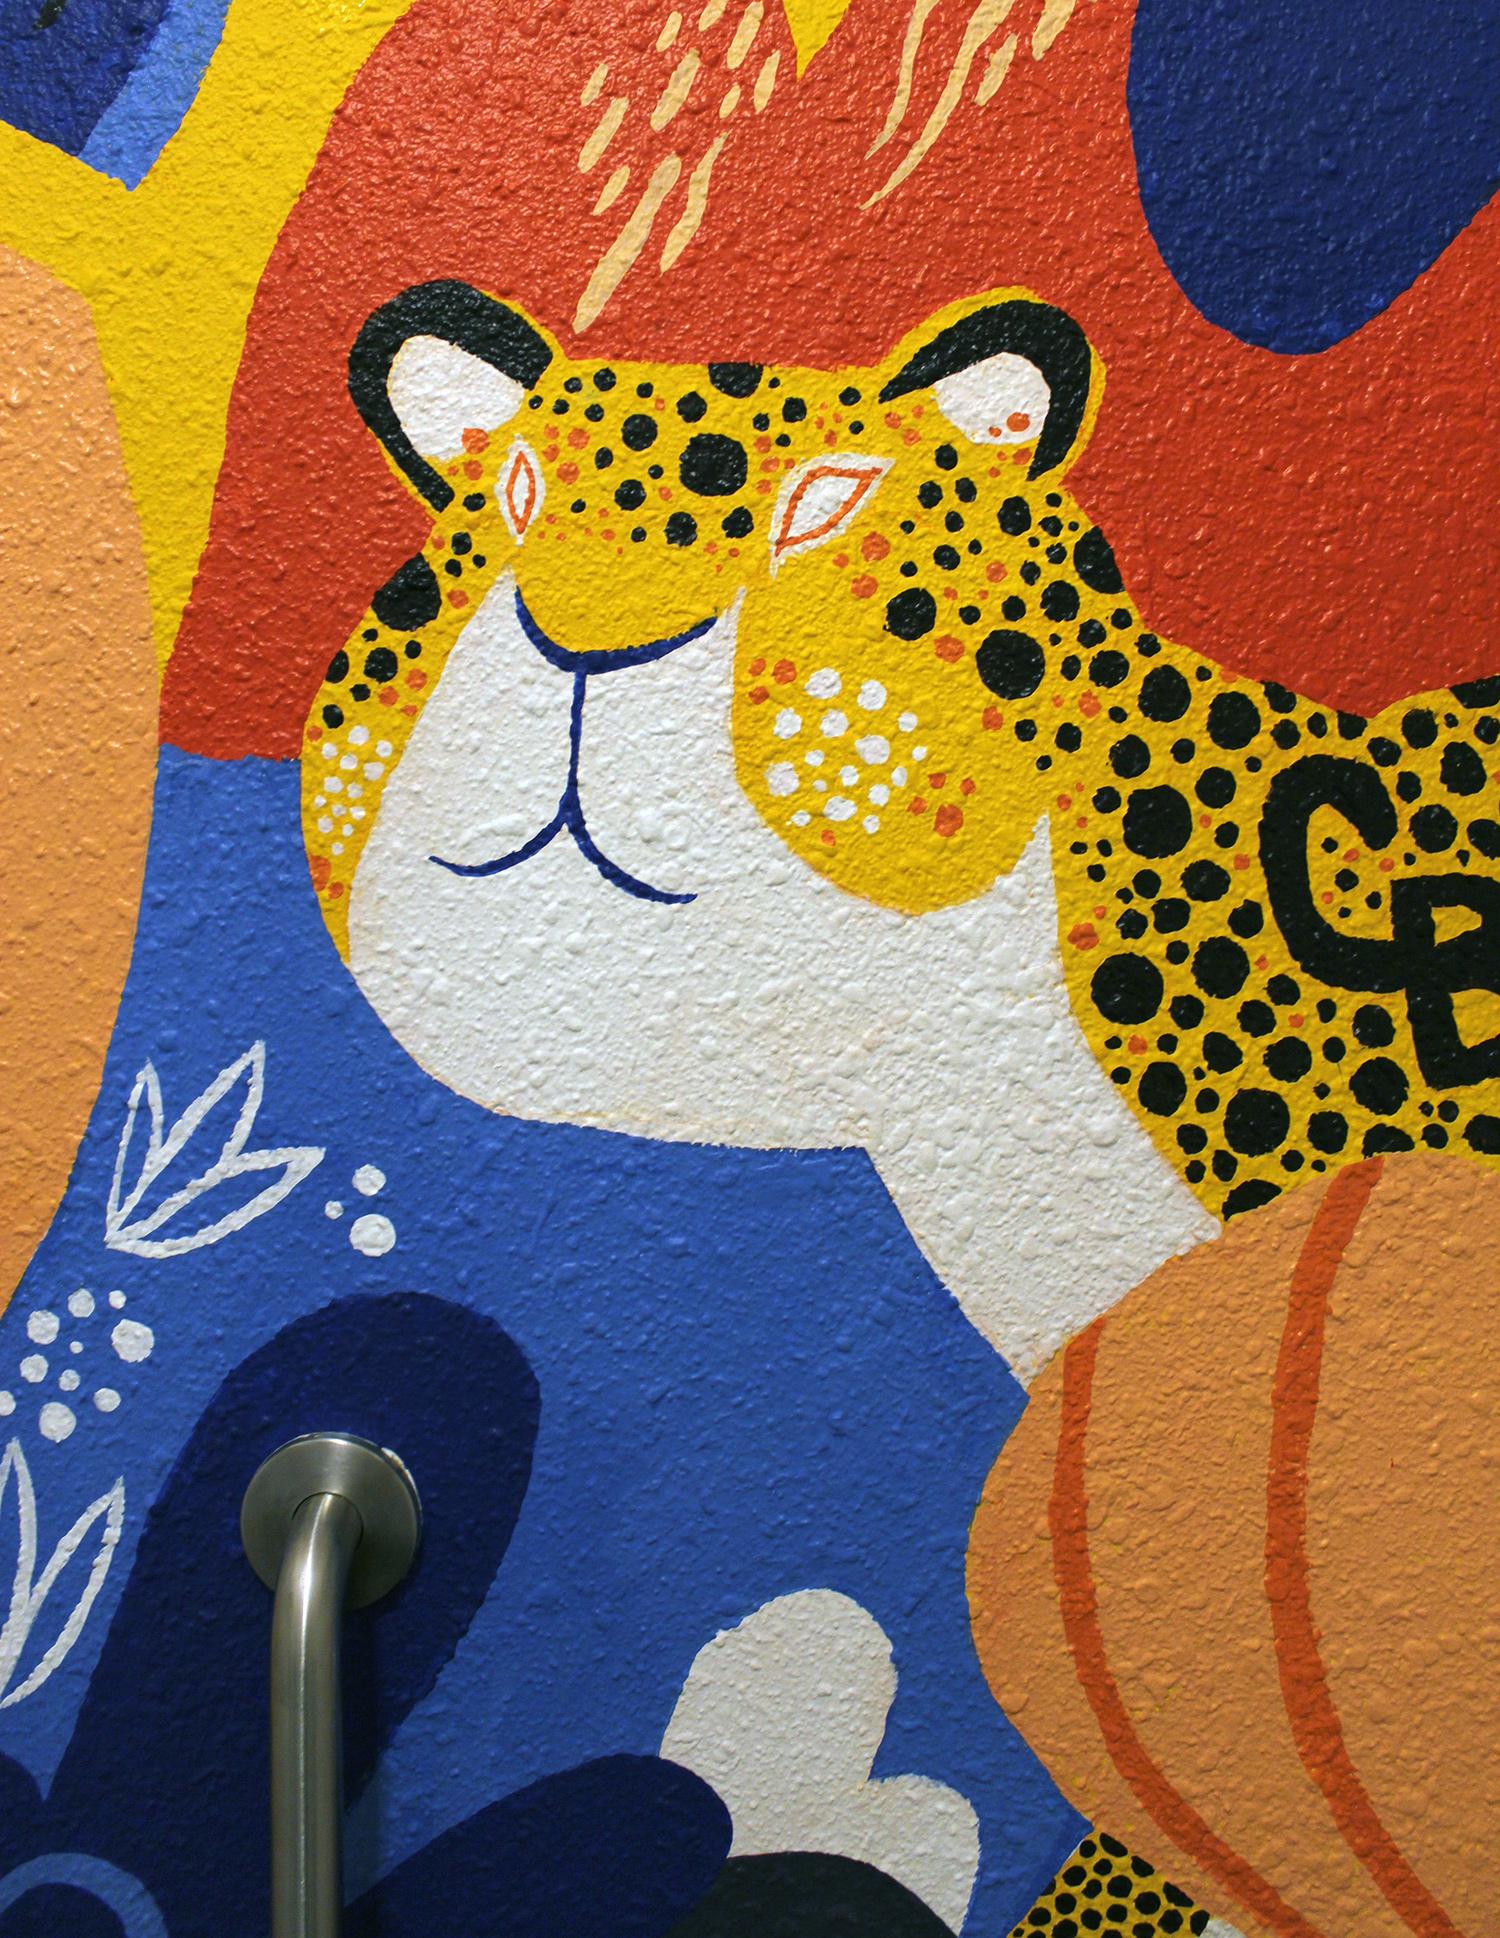 muraldetail2.jpg